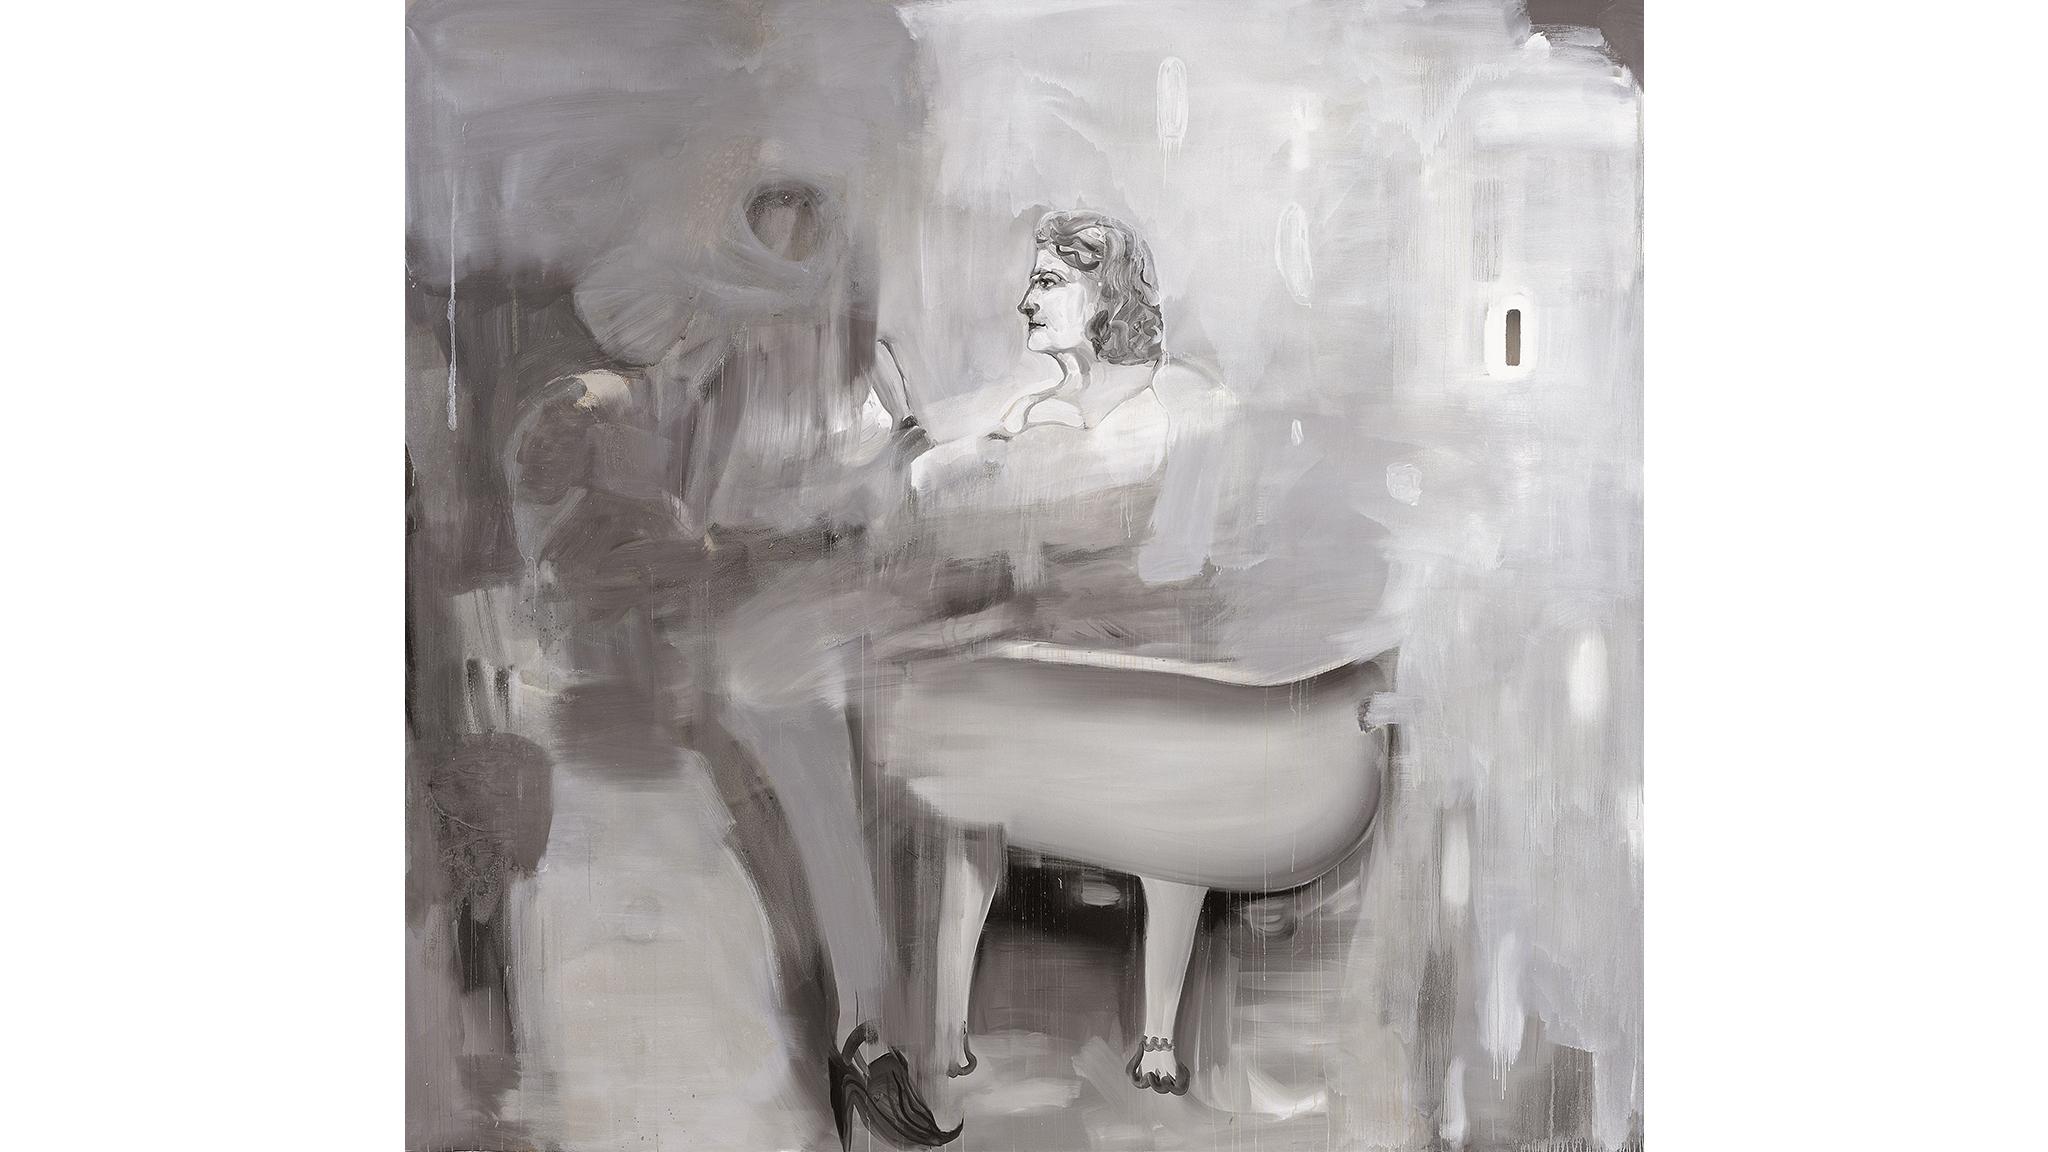 Albert Oehlen, Bad, 2003